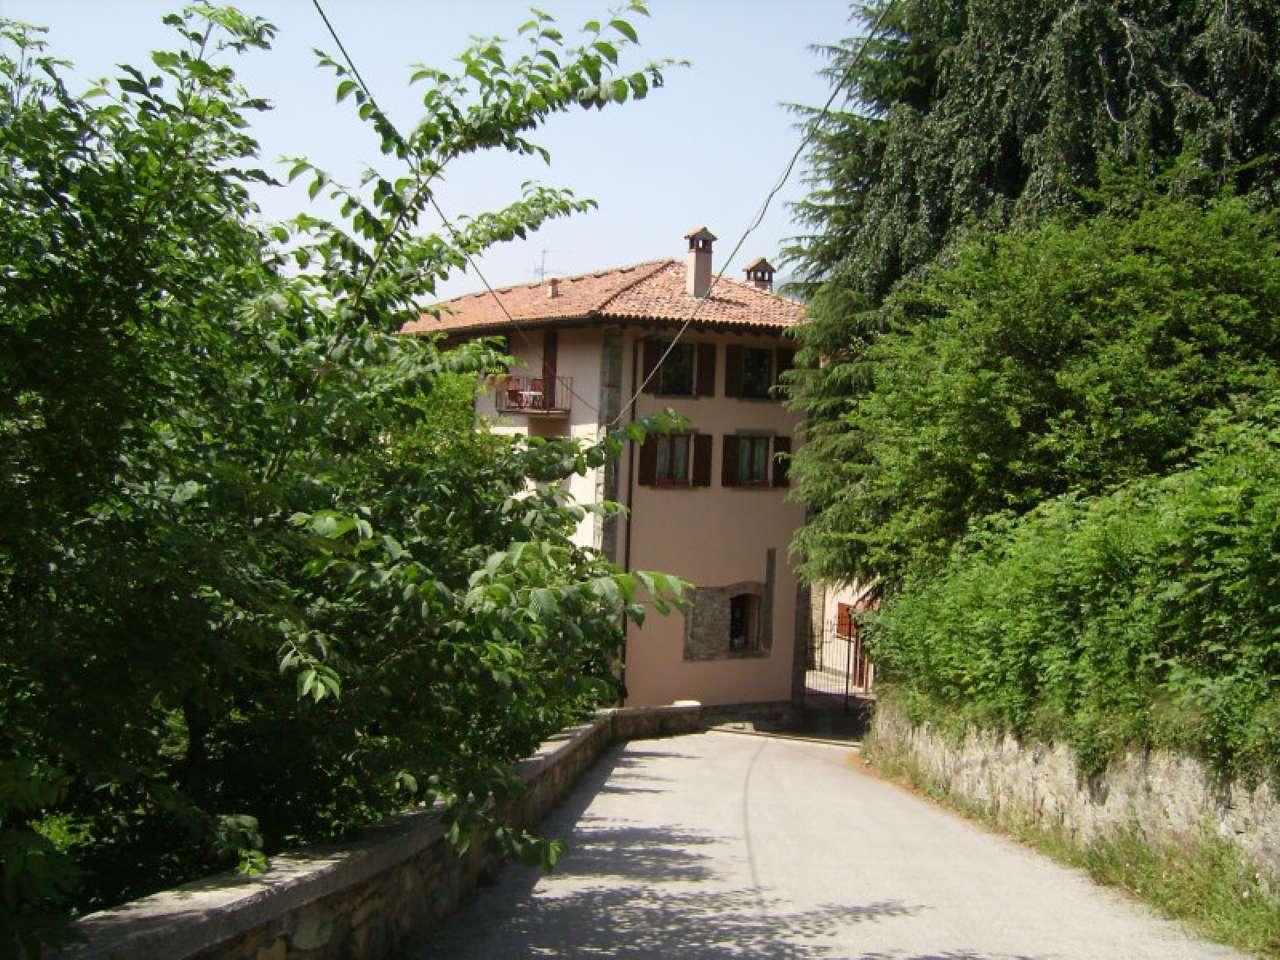 Appartamento in vendita a Oggiono, 3 locali, prezzo € 228.000 | CambioCasa.it